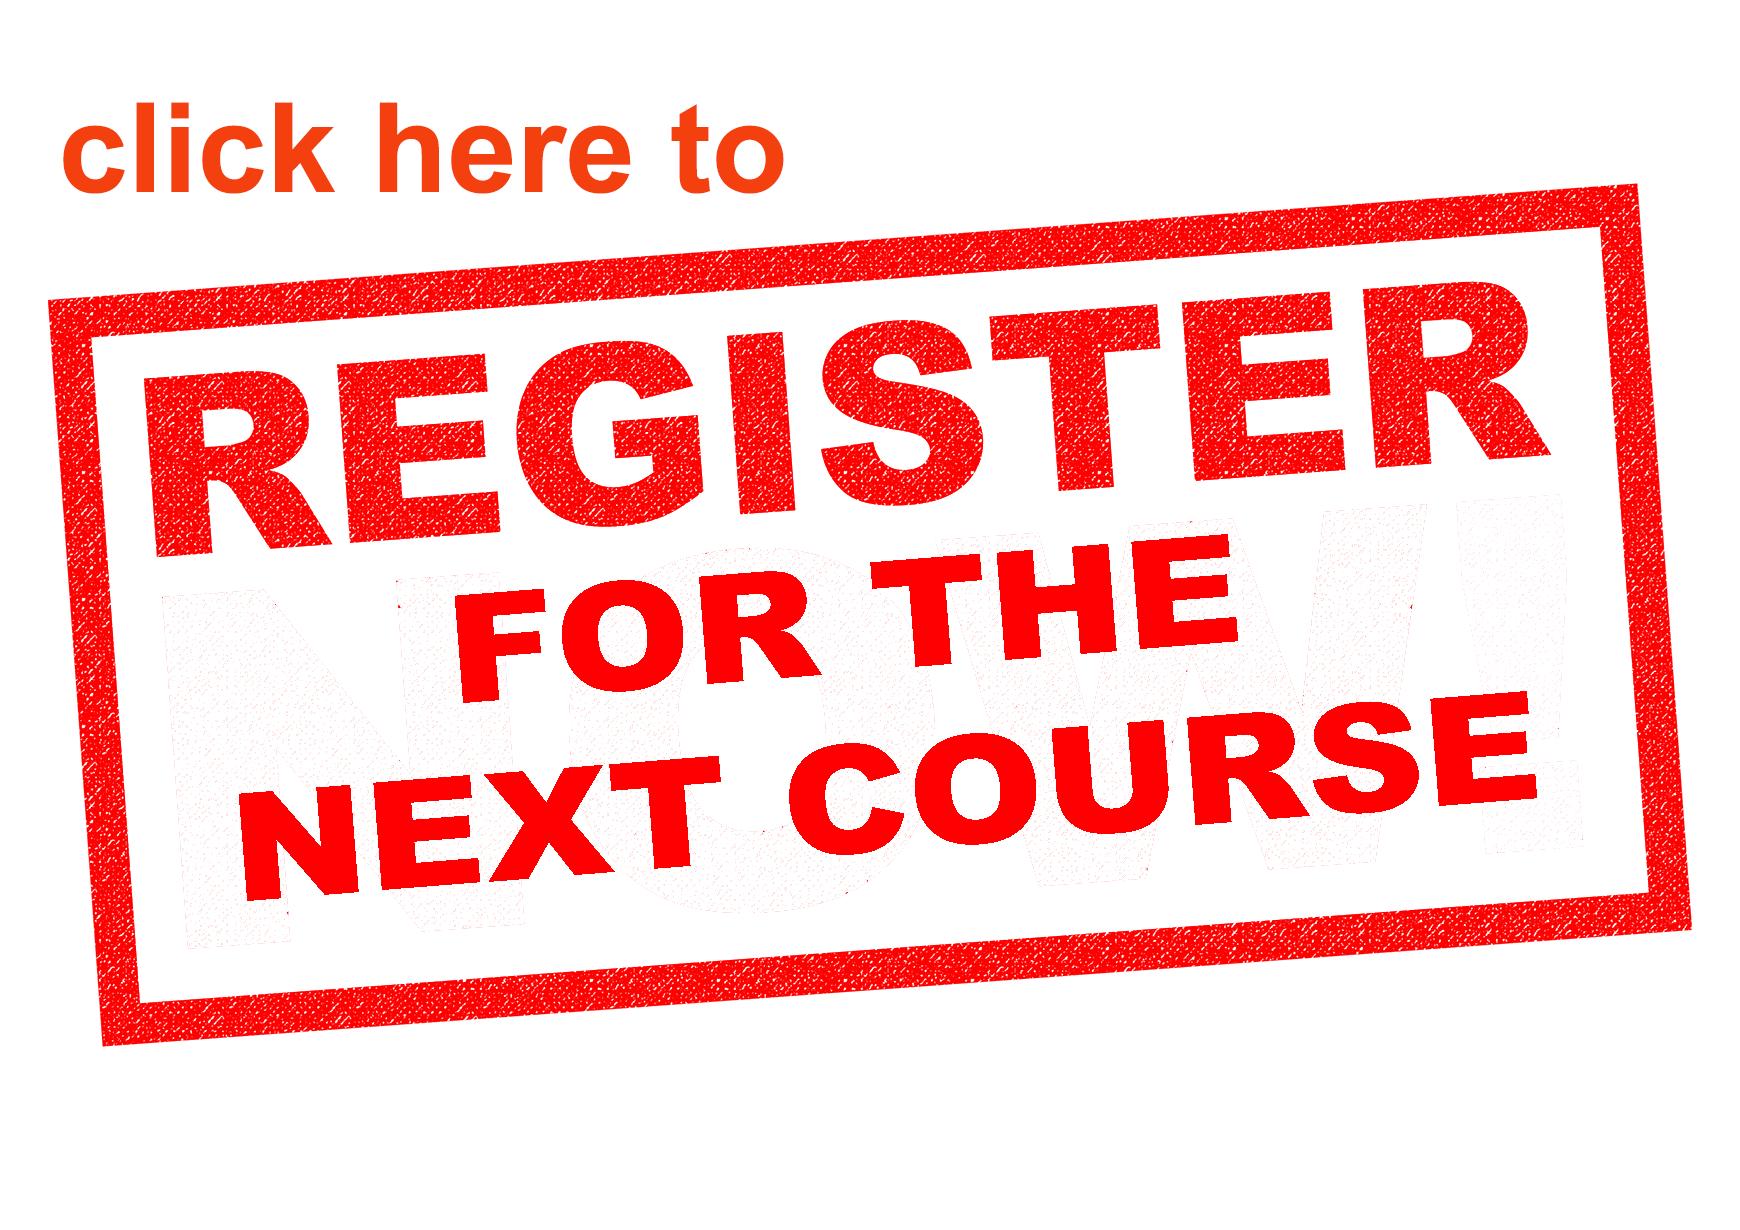 register next course